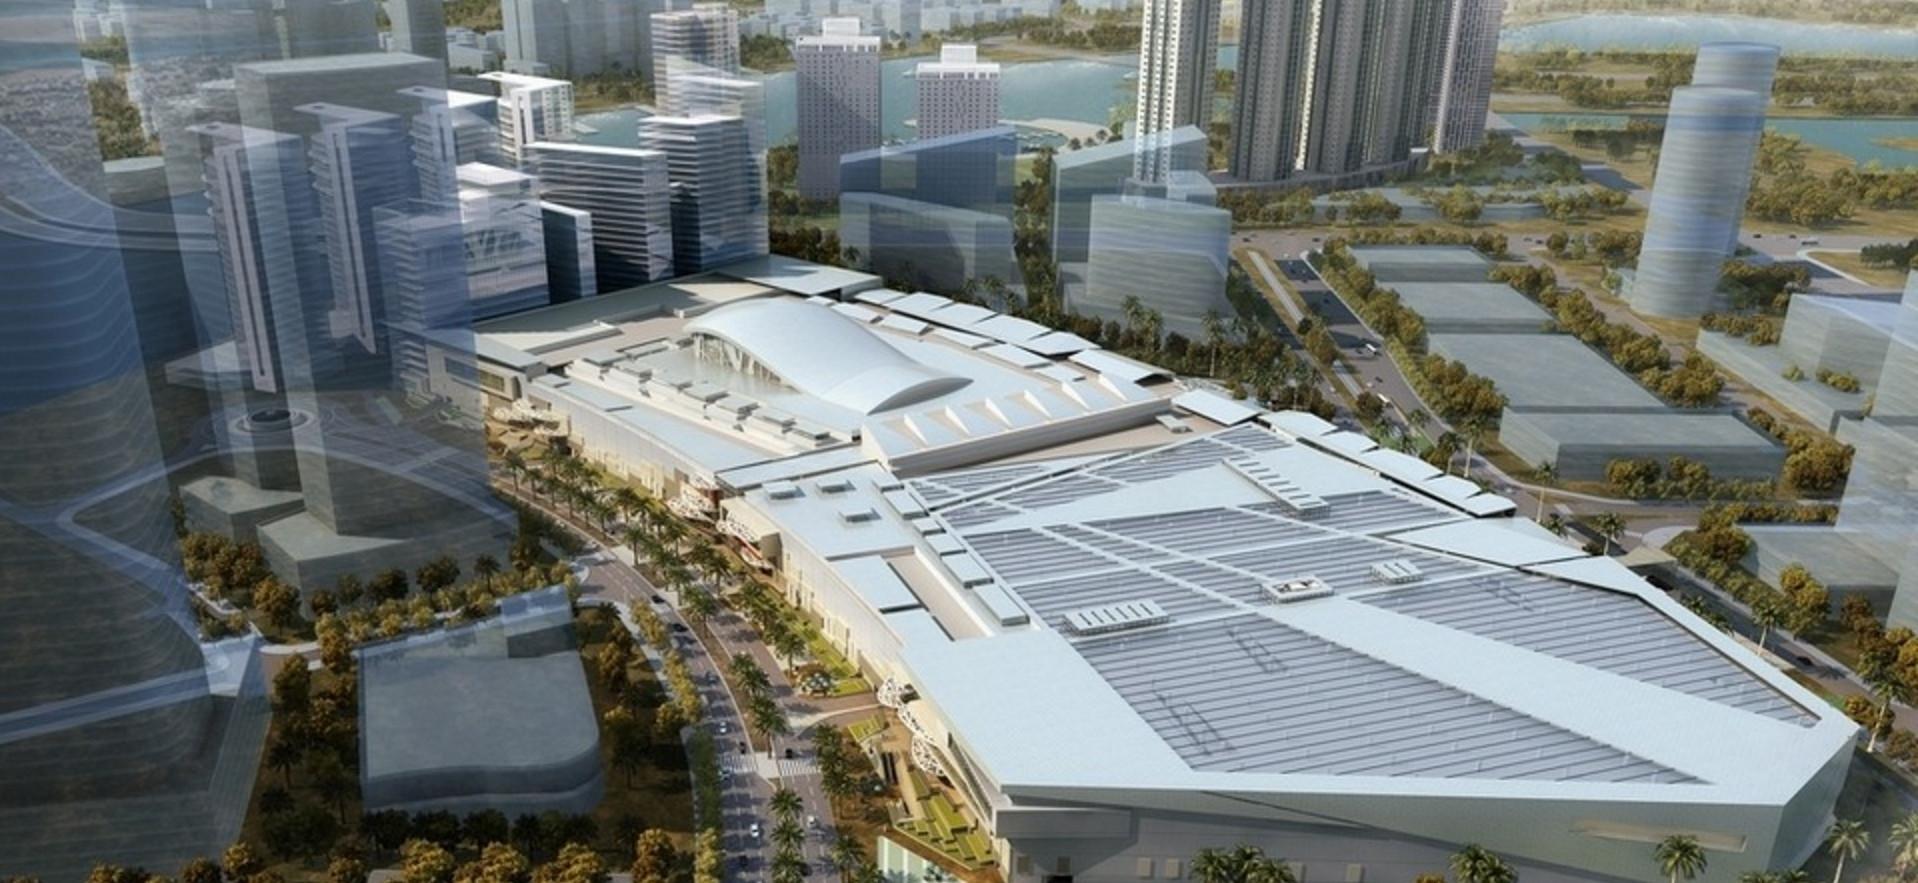 Reem Mall, Abu Dhabi, UAE